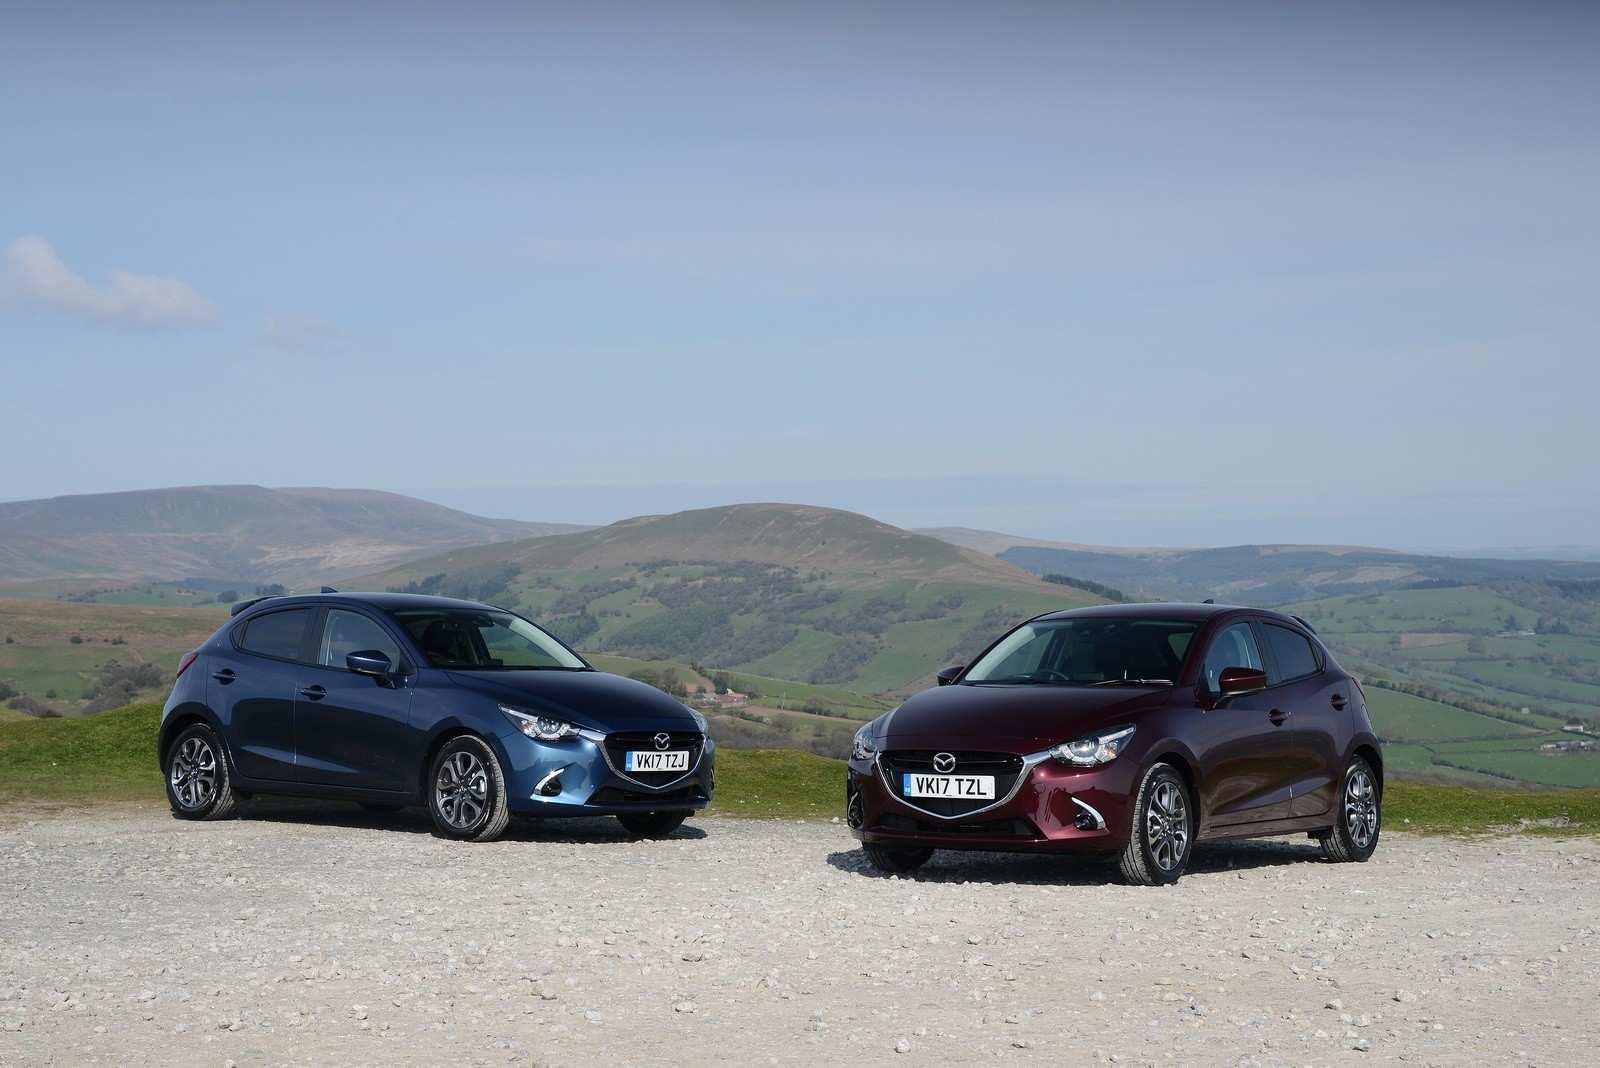 74 Concept of Mazda 2 Hatchback 2020 Prices by Mazda 2 Hatchback 2020